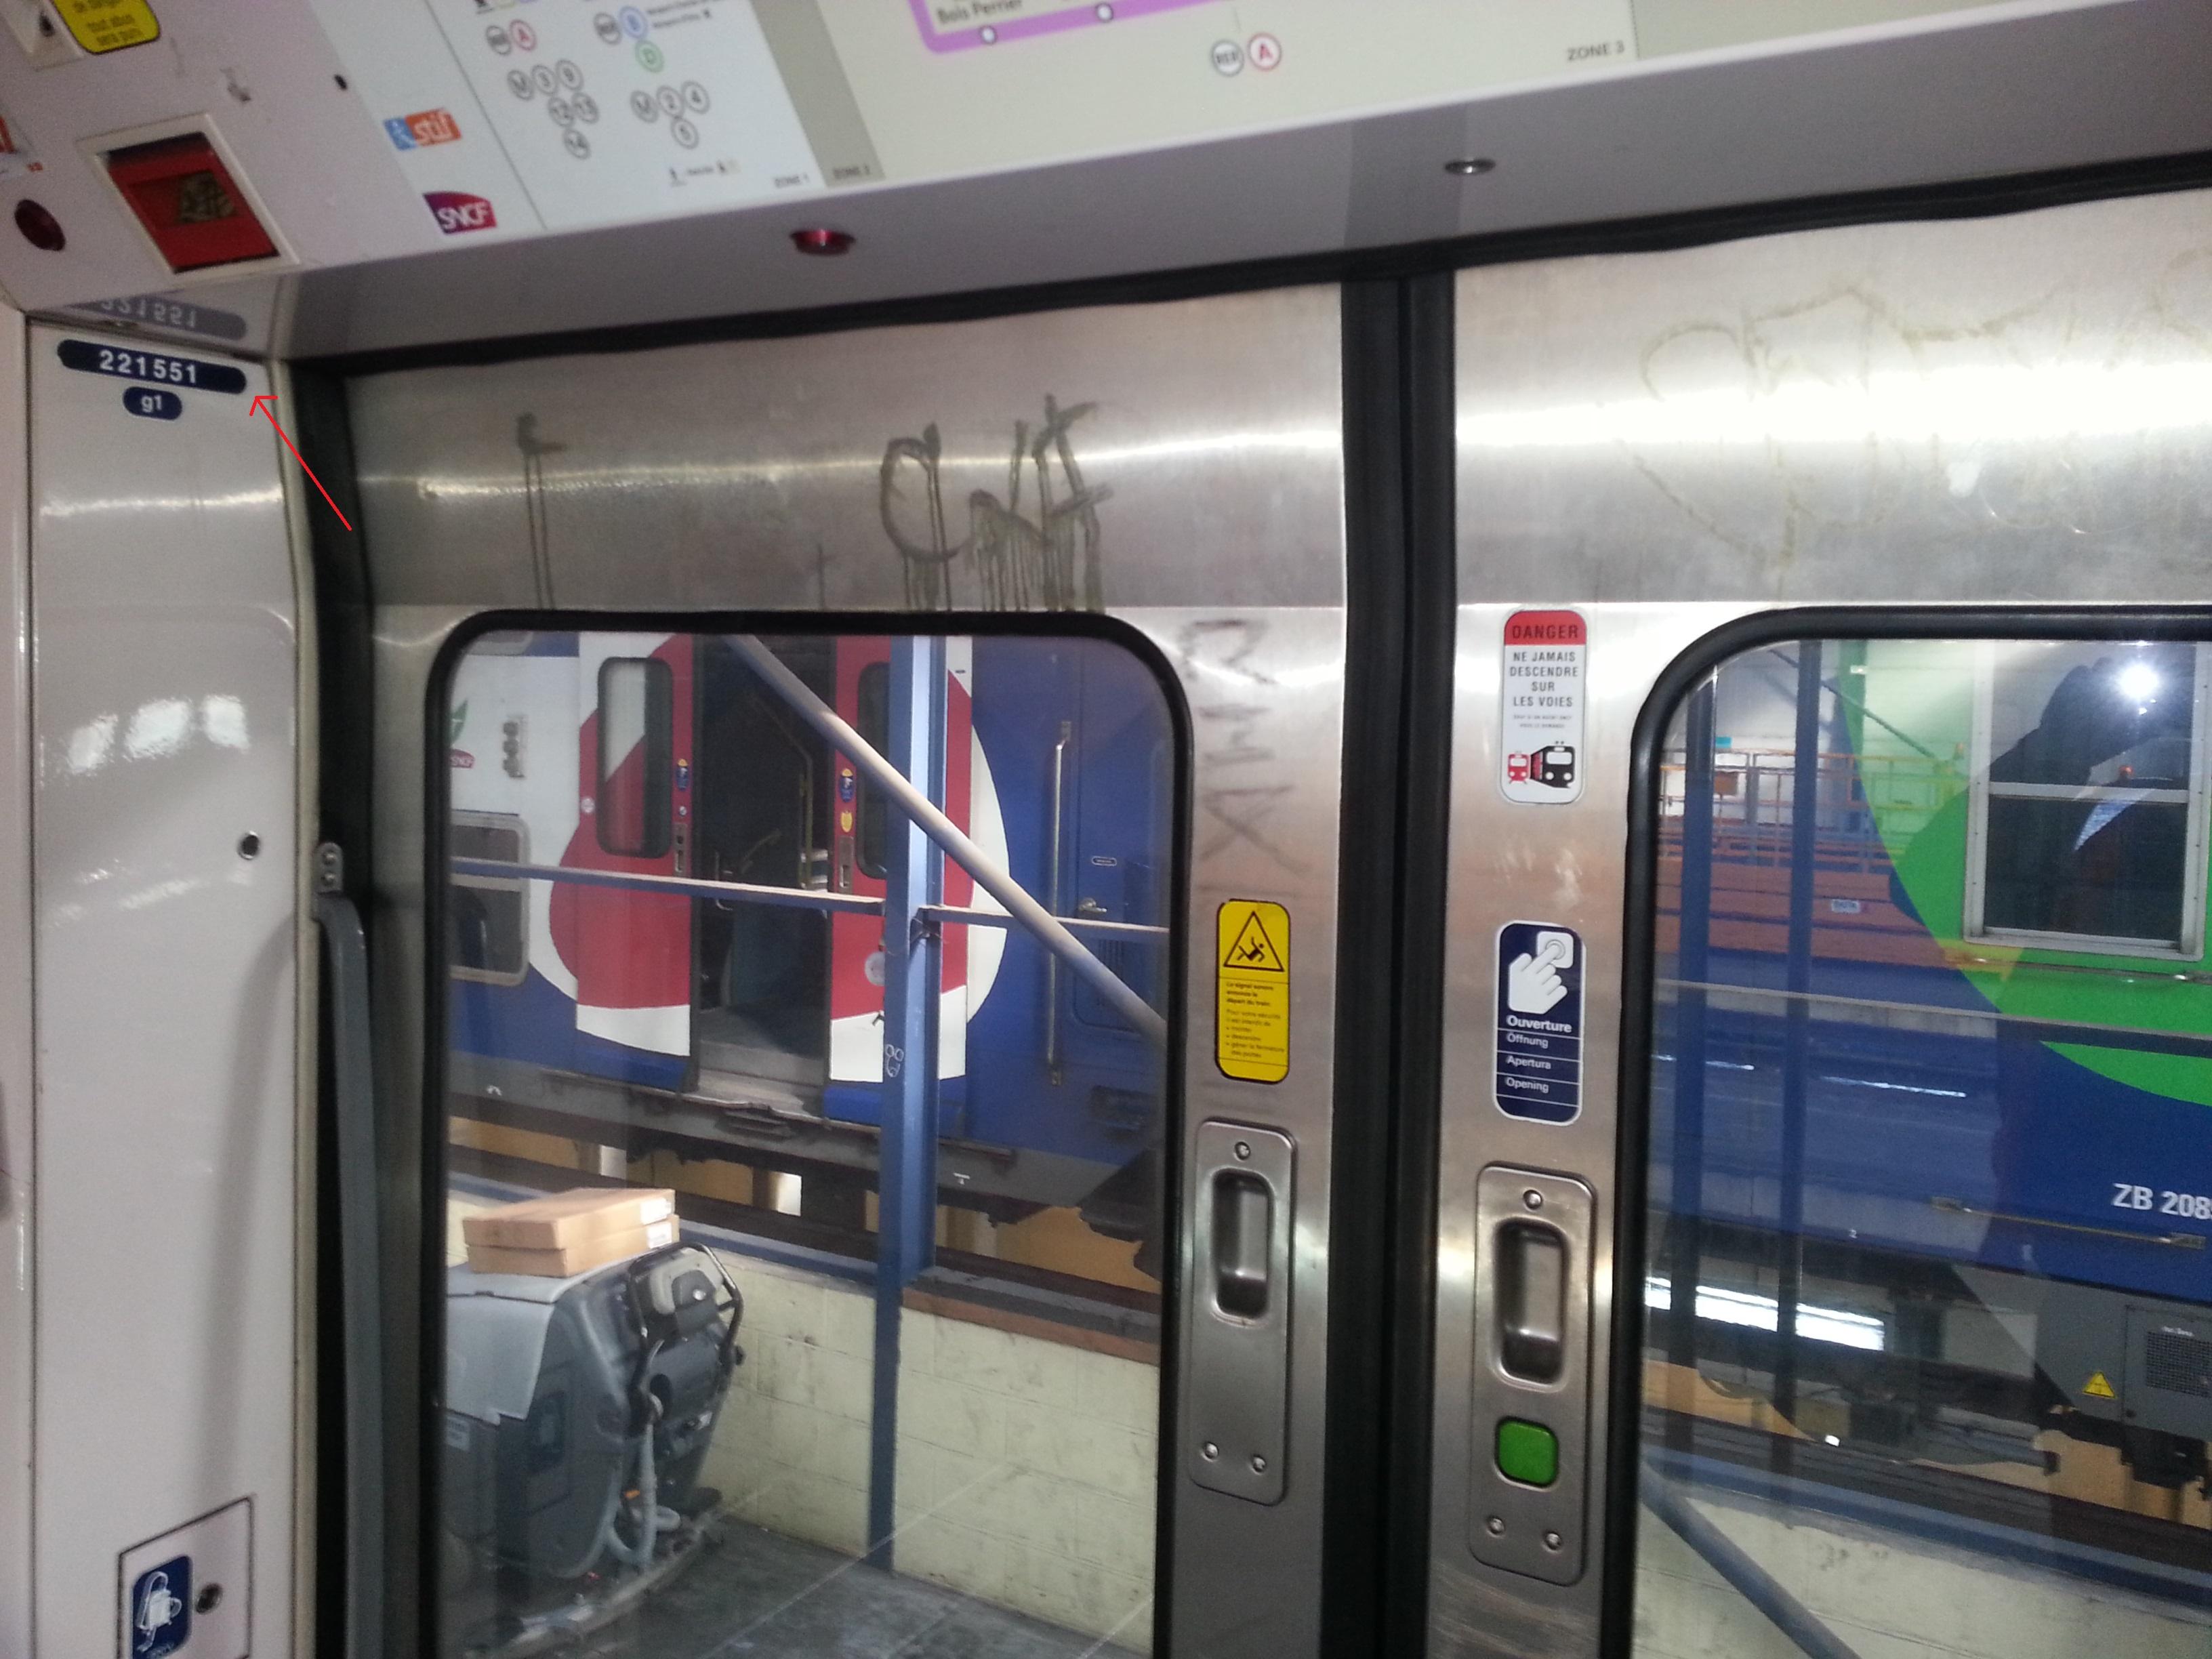 Le nettoyage des trains for Centre de nettoyage interieur voiture